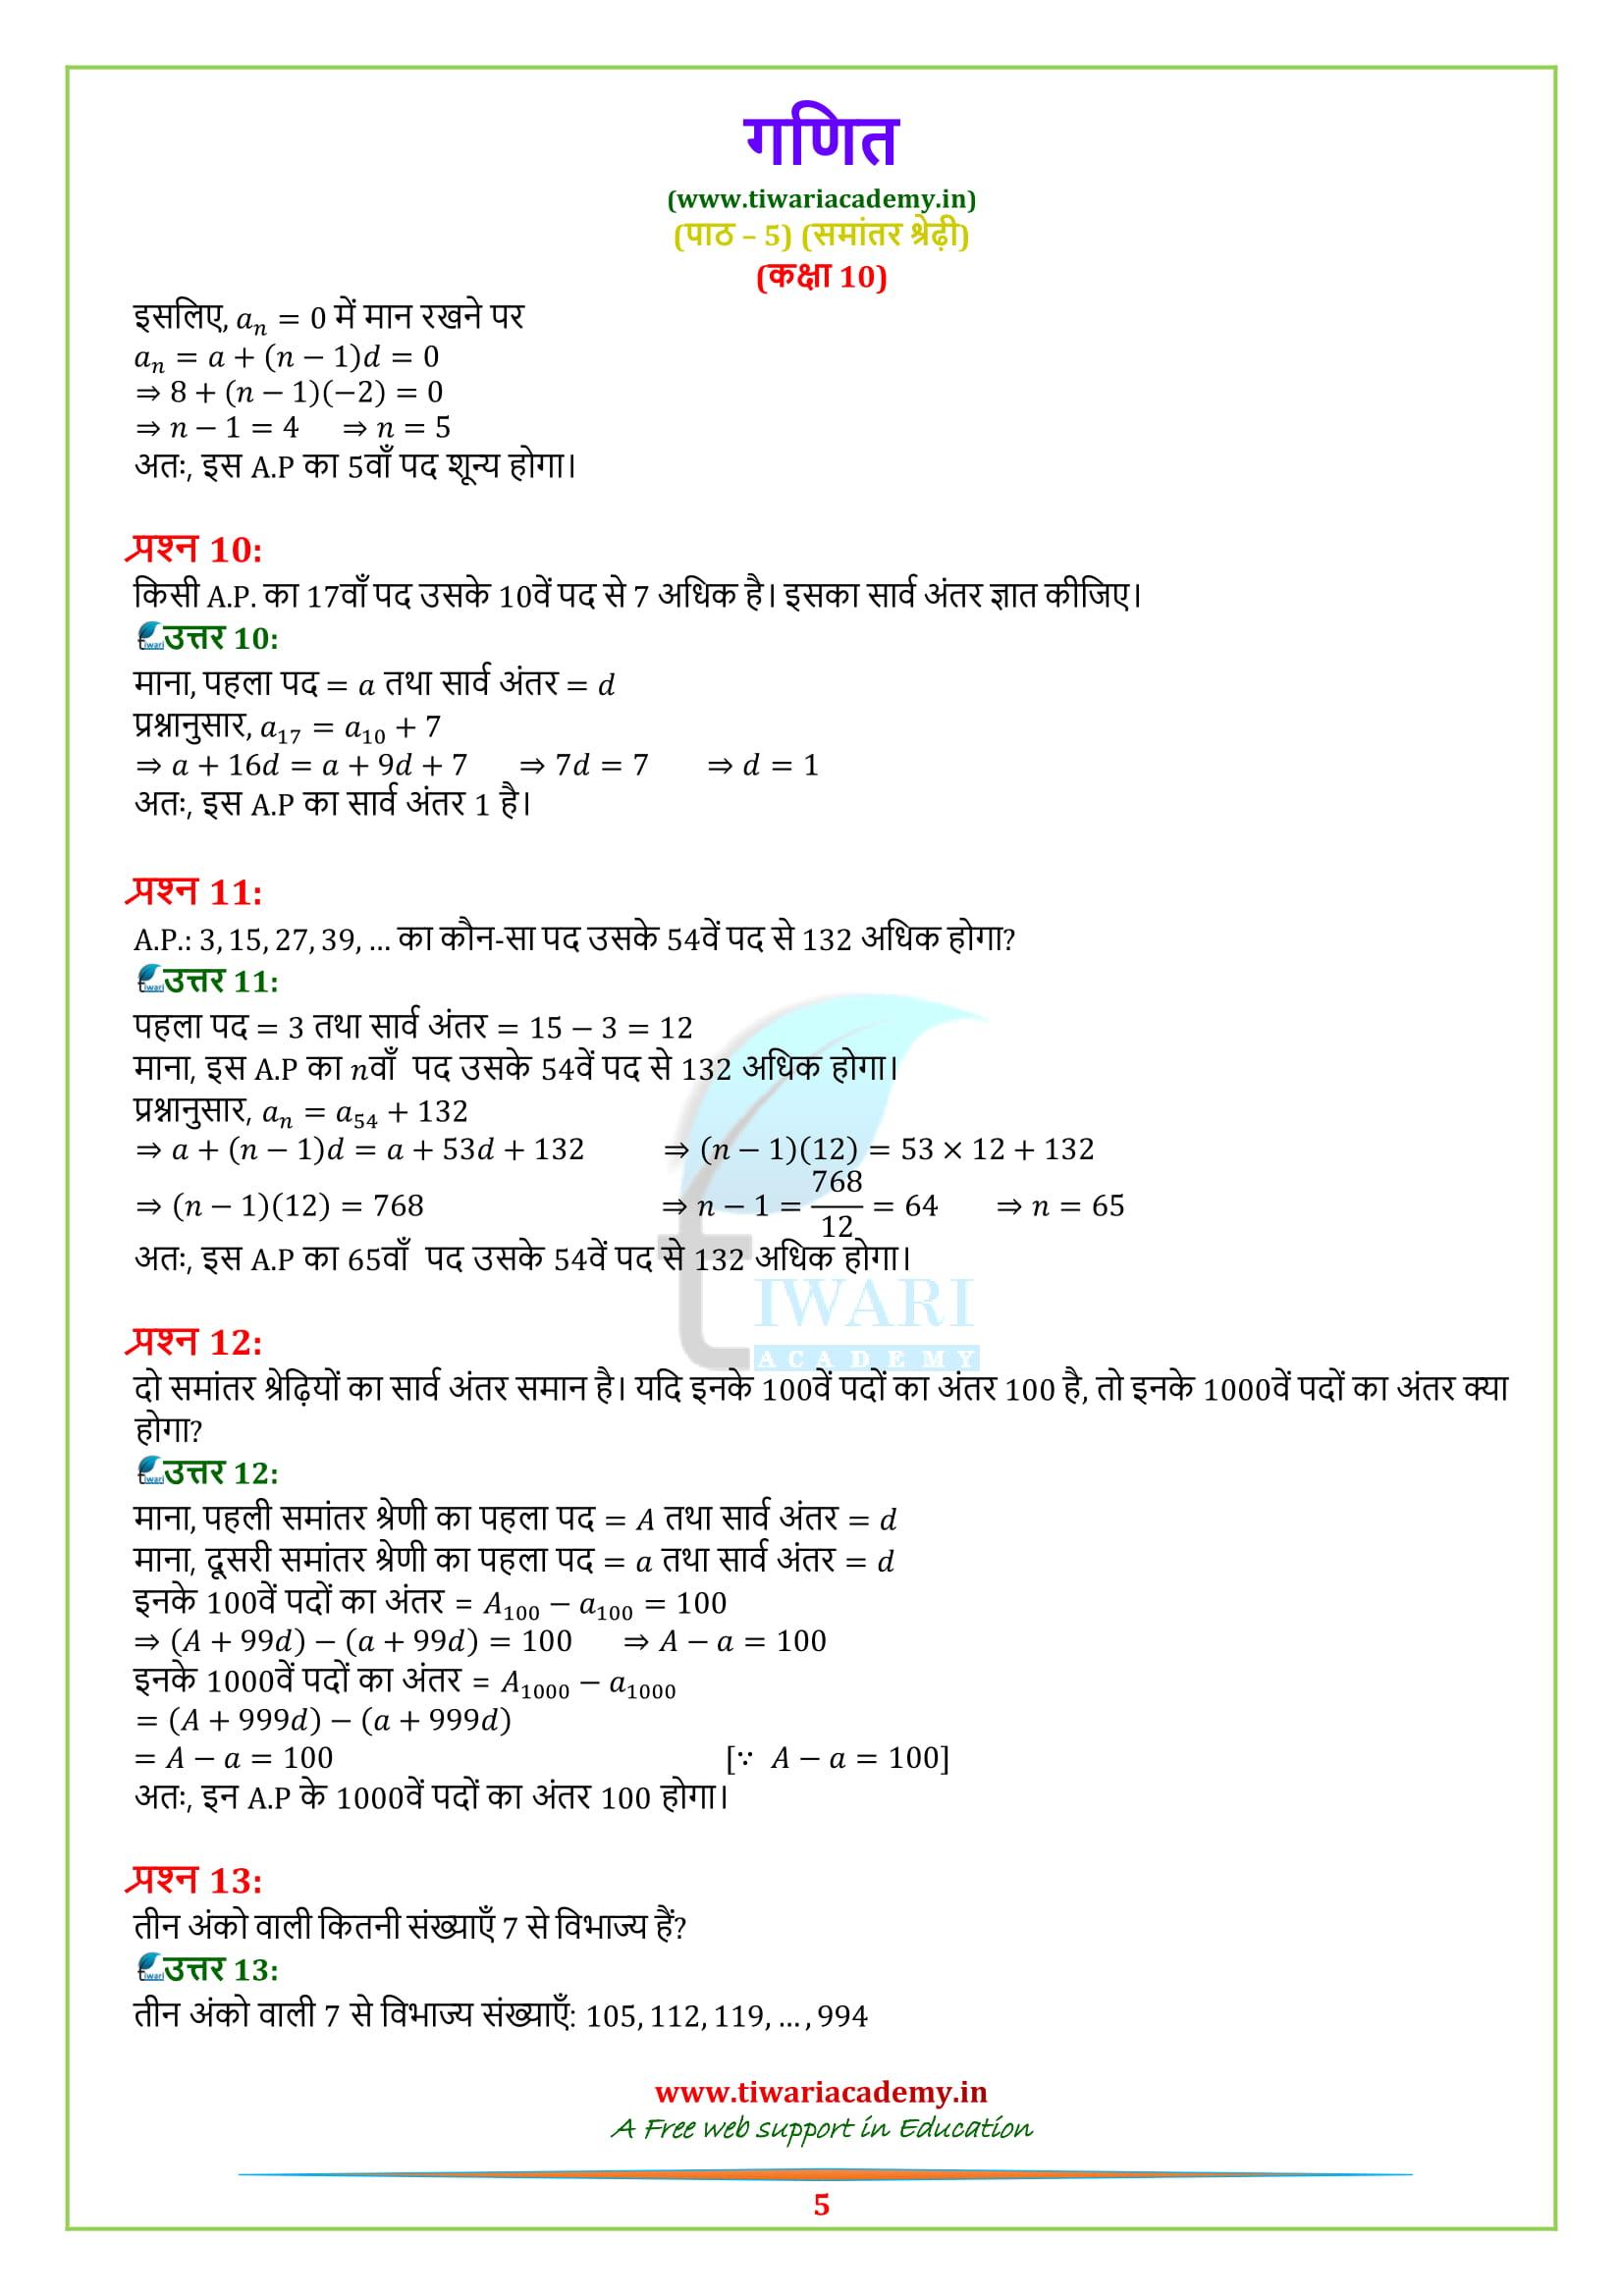 10 maths prashanavali 5.2 ke hal ttha kunji